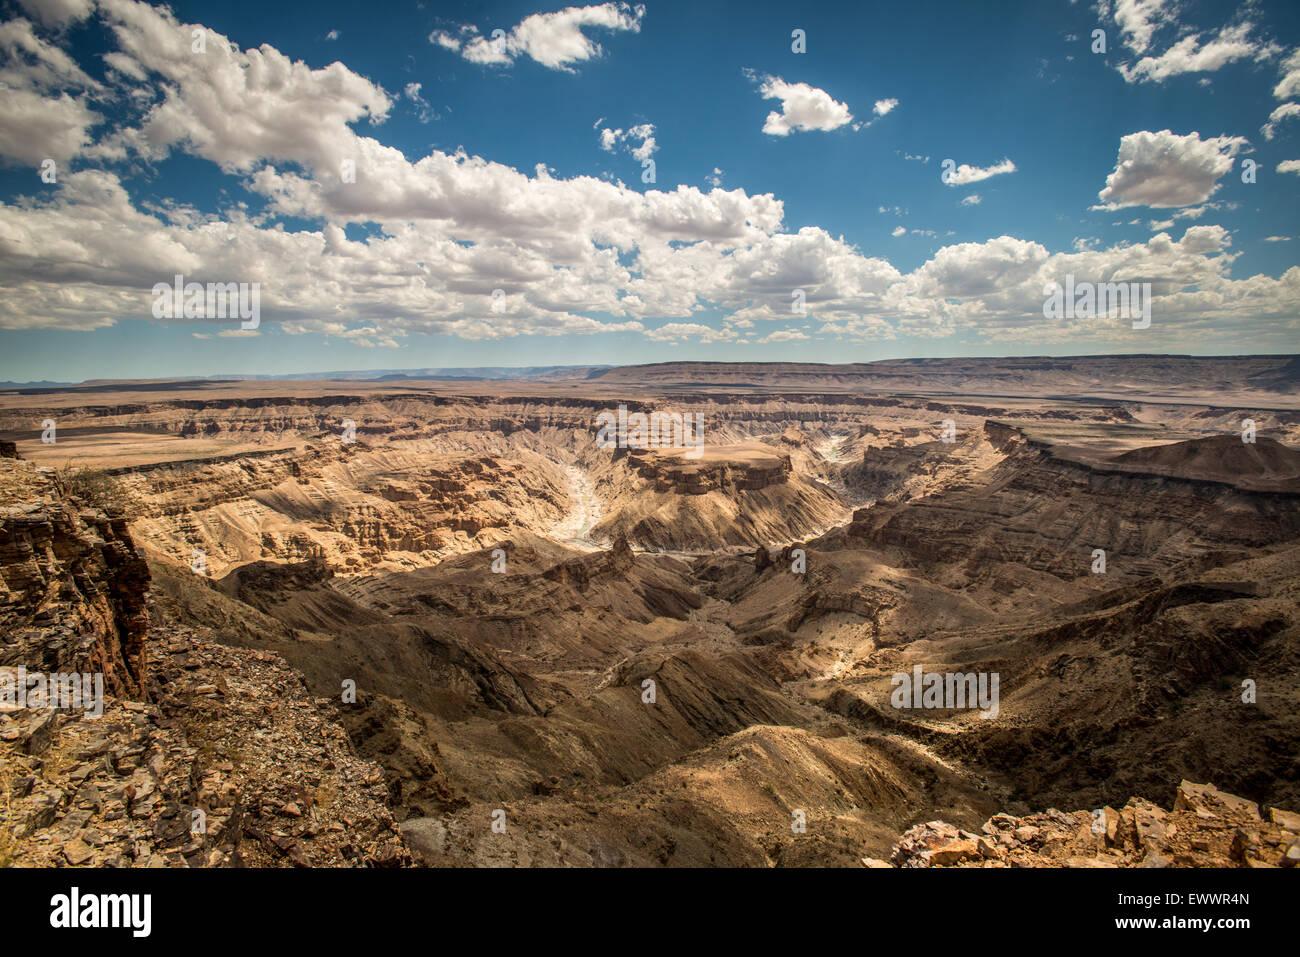 Hobas, Namibie, Afrique - Fish River Canyon, le plus grand canyon en Afrique. Une partie de l'ǀAi-ǀAis/Richtersveld Photo Stock